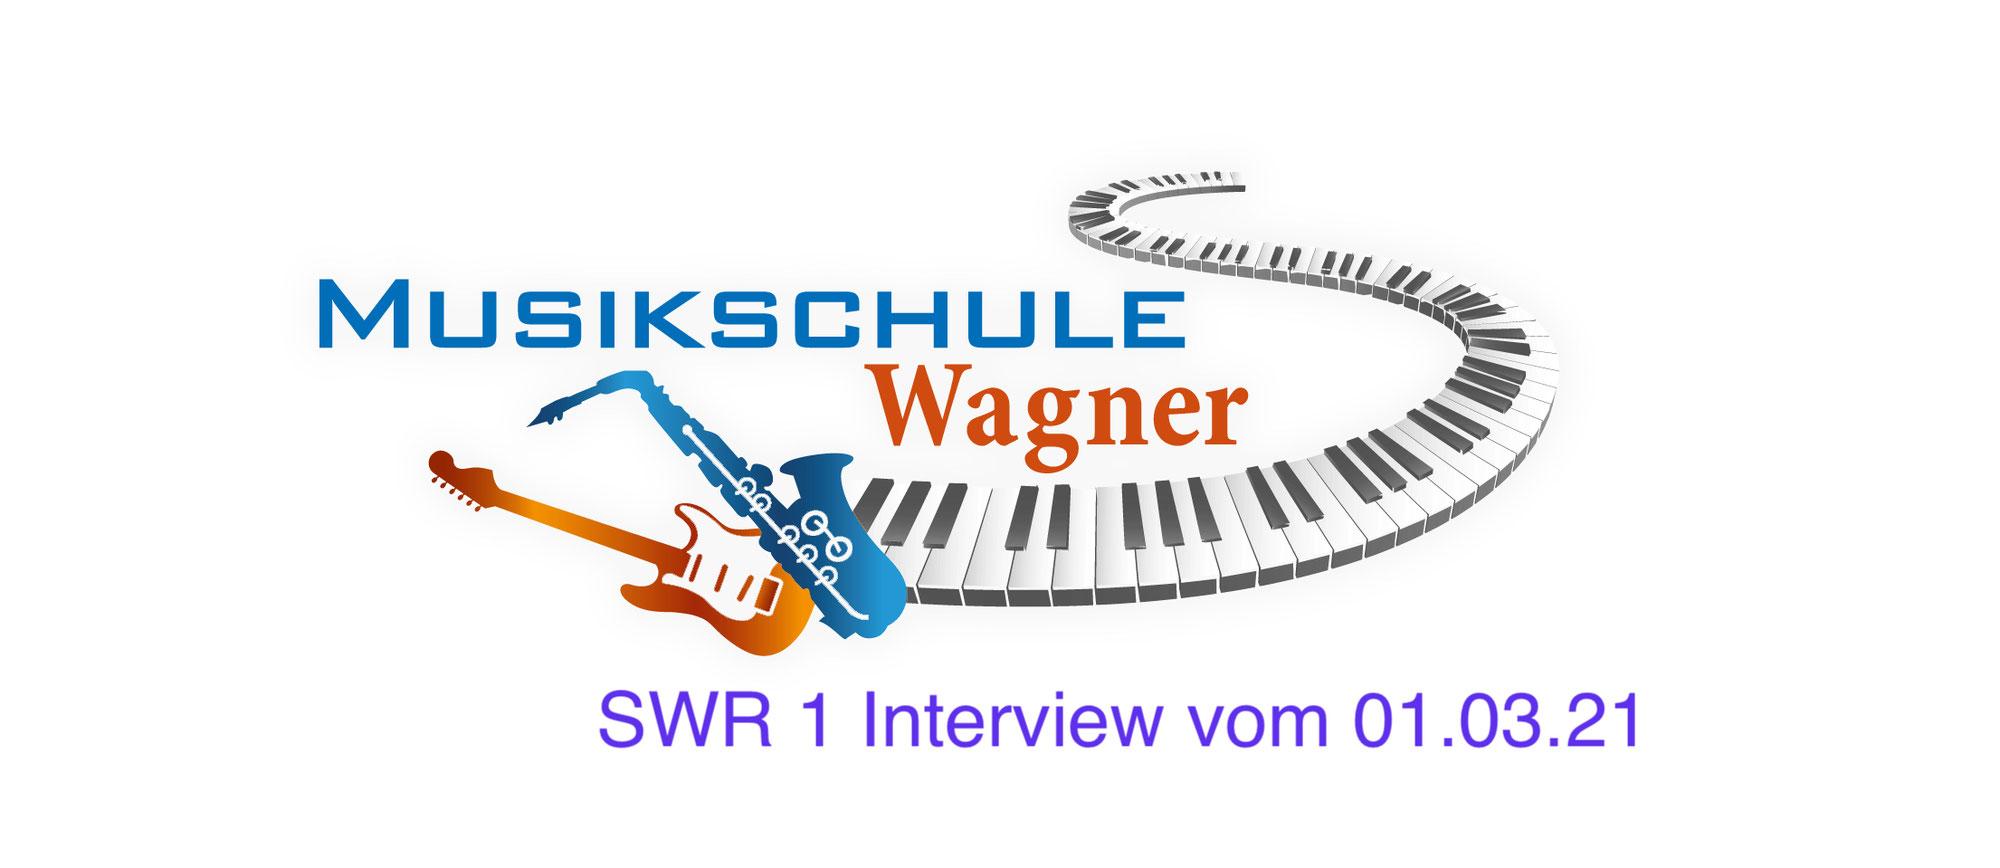 Interview Frank Jenschar SWR1 / Gerd Wagner vom 1.März, 9.10 Uhr